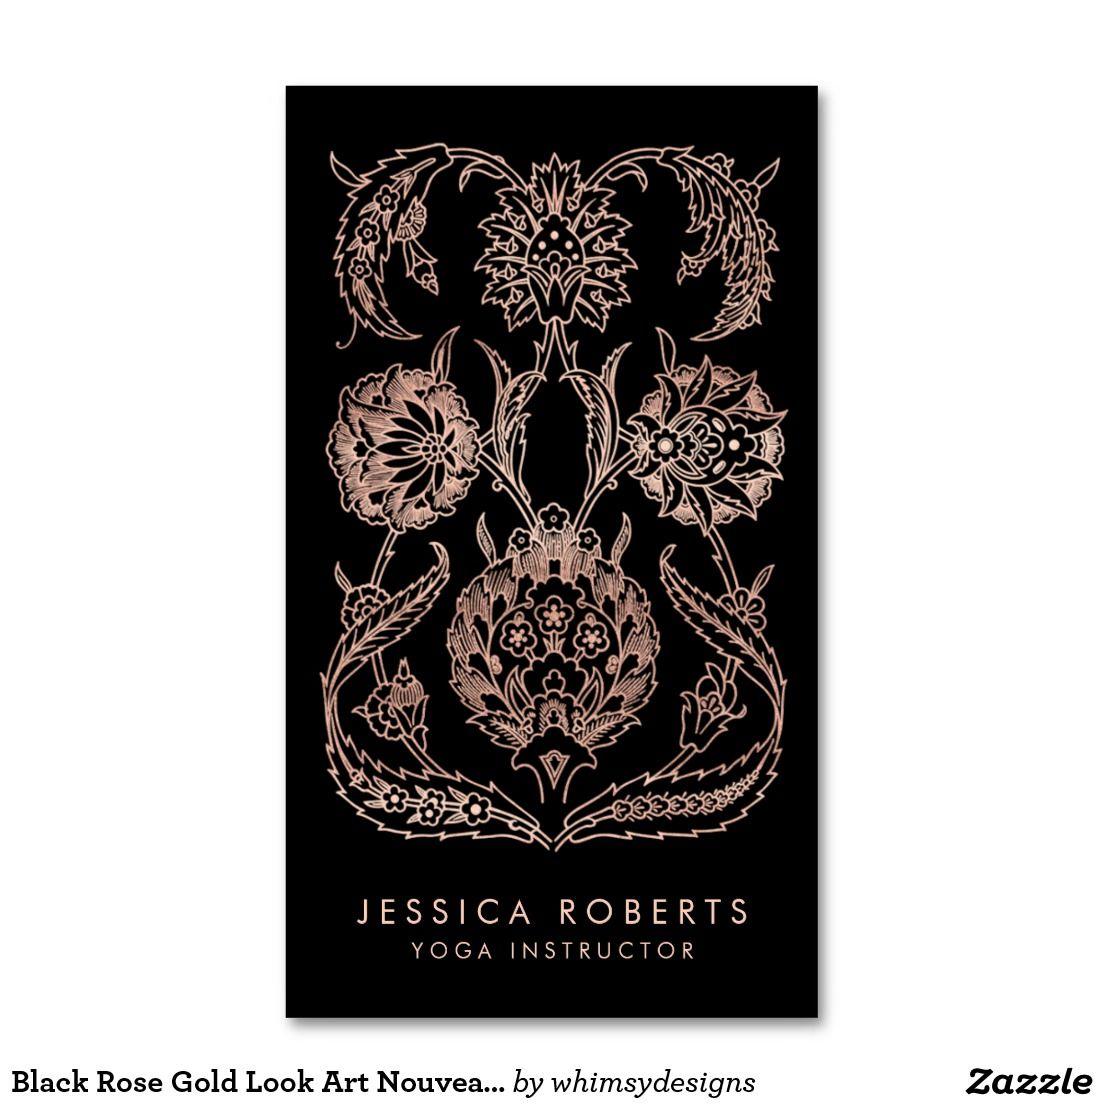 Black Rose Gold Look Art Nouveau Floral Fashion Business Card | Yoga